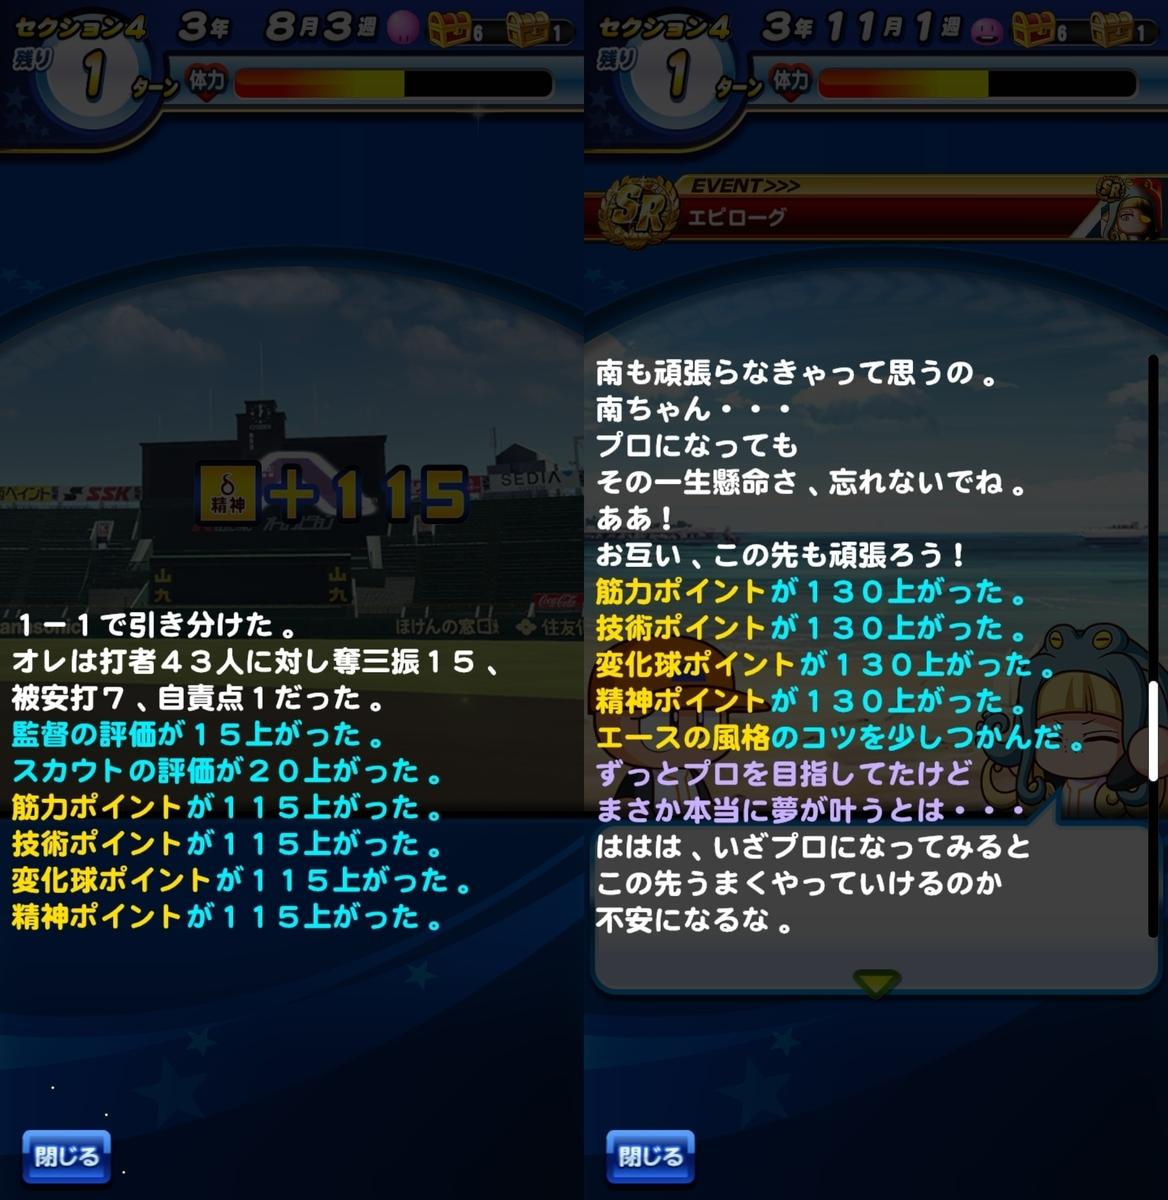 f:id:arimurasaji:20200411181155j:plain